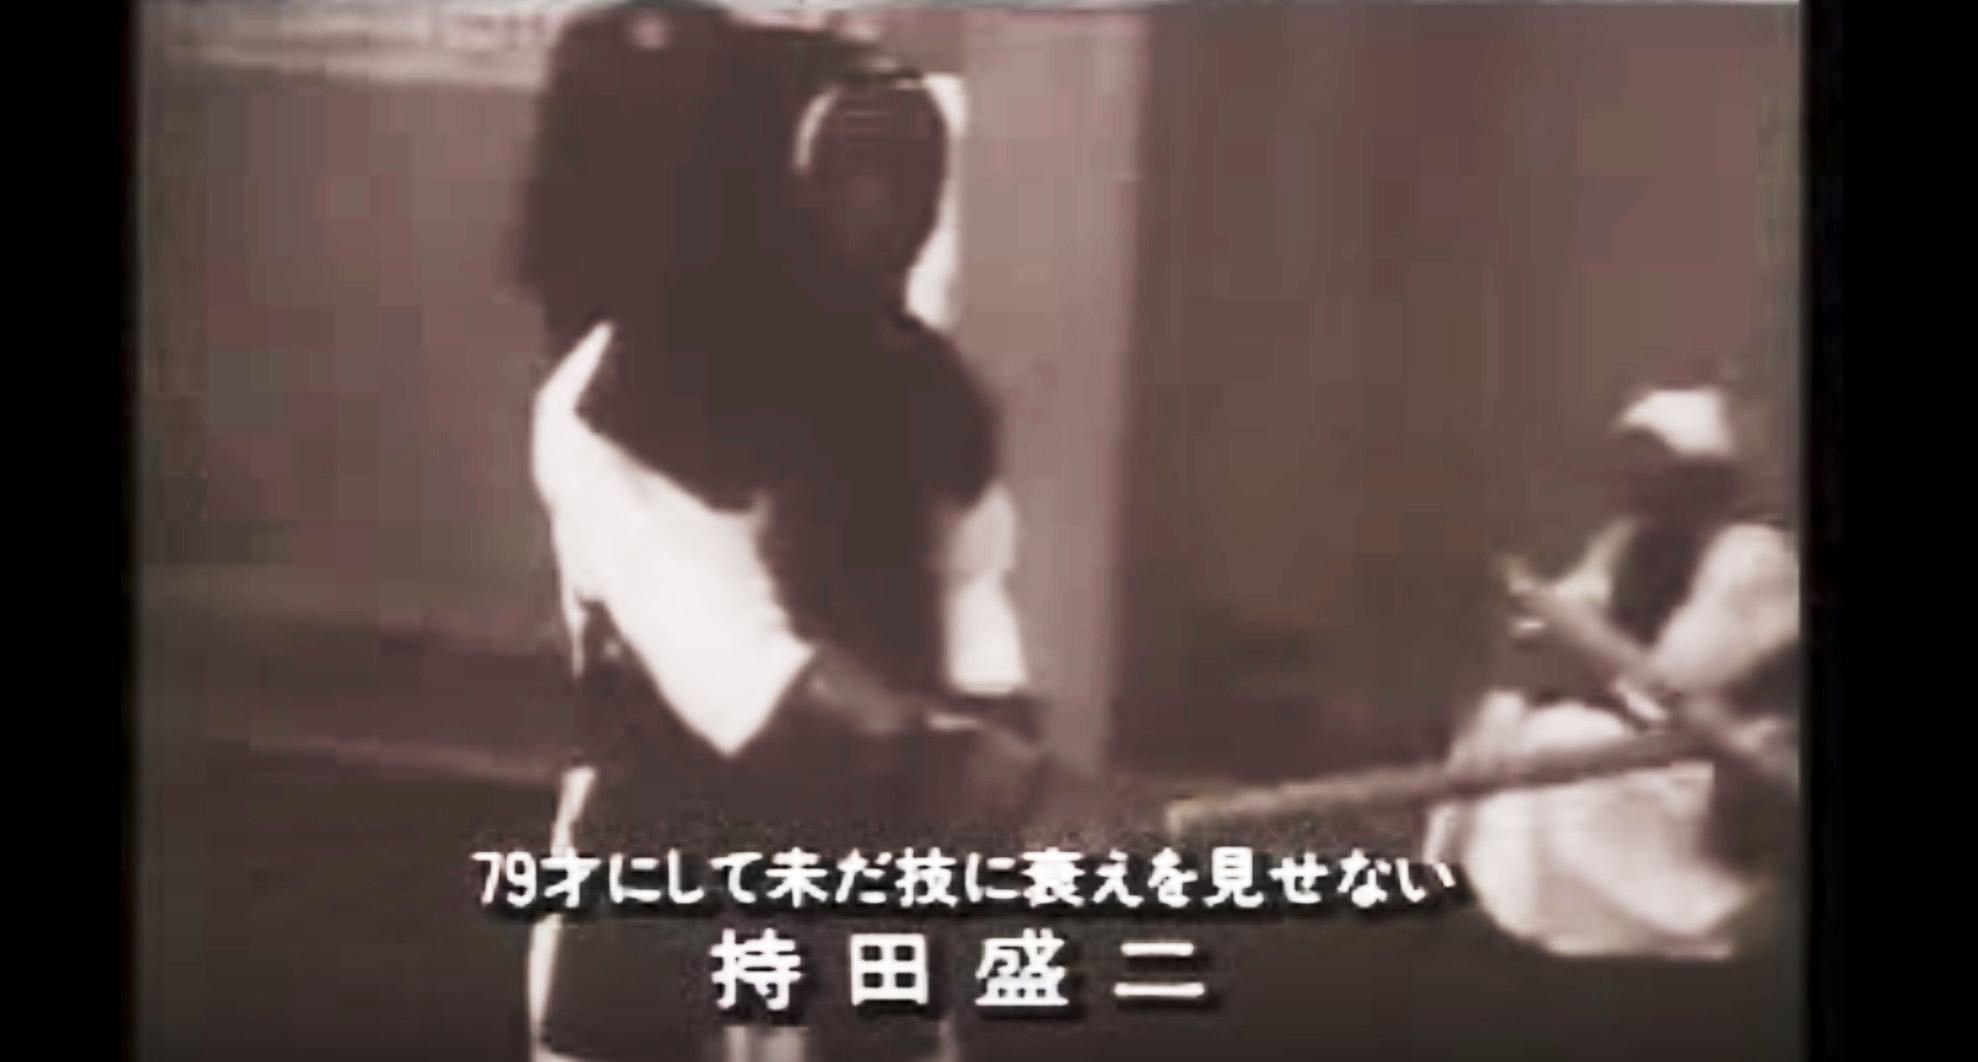 「昭和の剣聖」持田盛二十段。79歳でも衰えない動作が凄い!外国人「本物のジェダイだ、、」